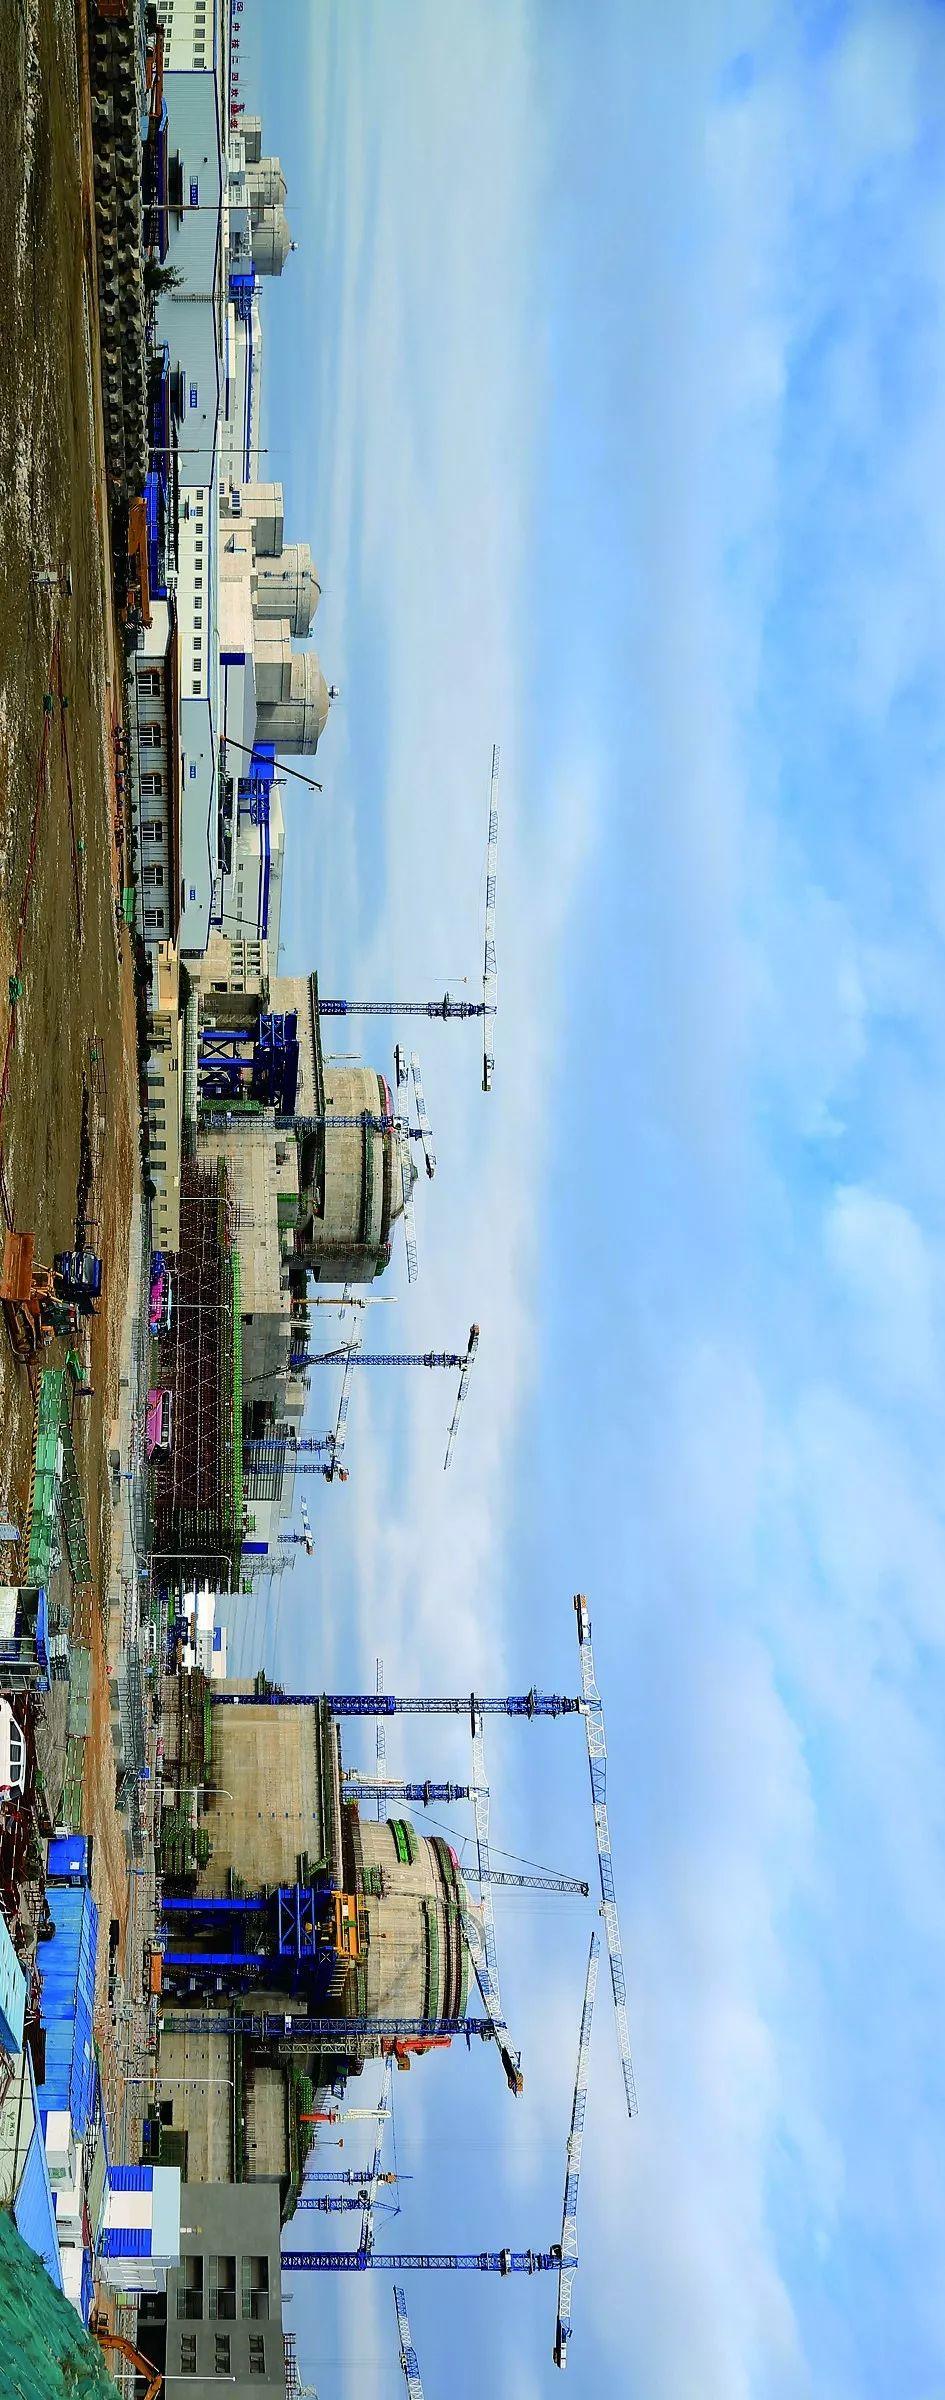 福清核电站,其5、6号机组为「华龙一号」